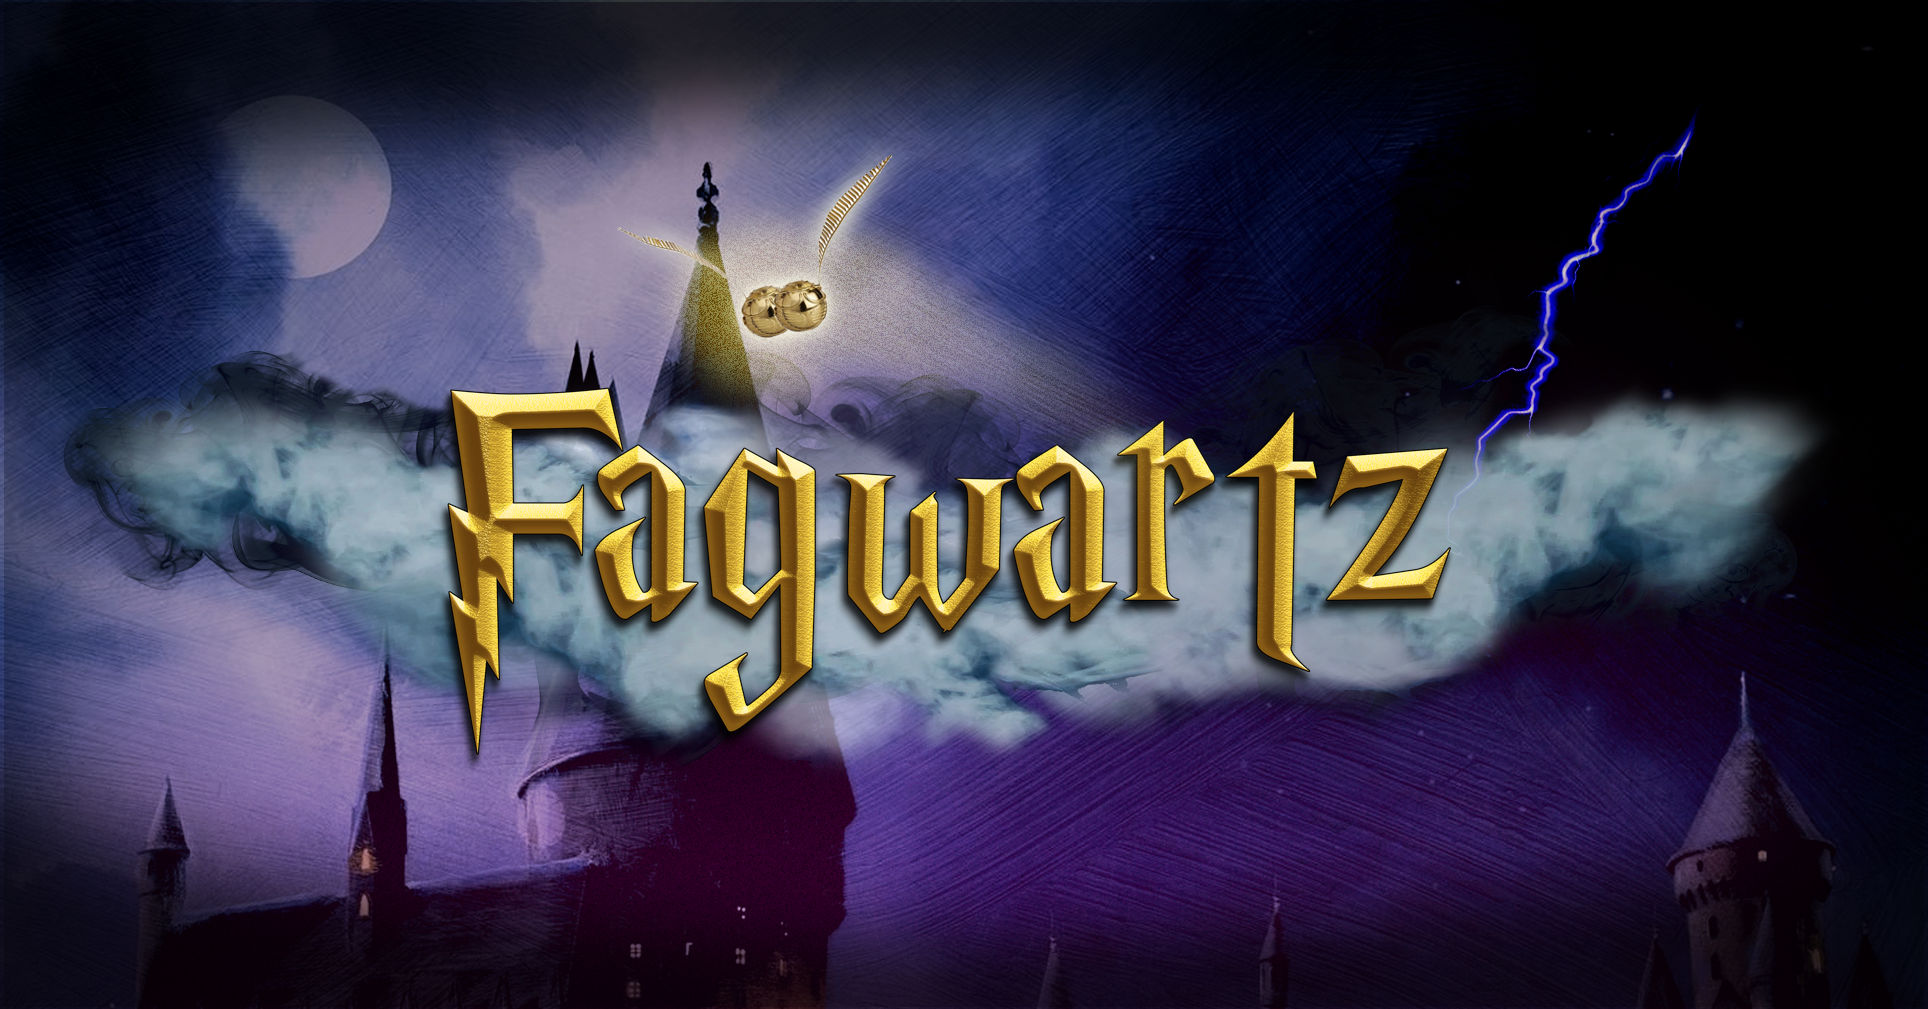 30 Oct: Fagwartz